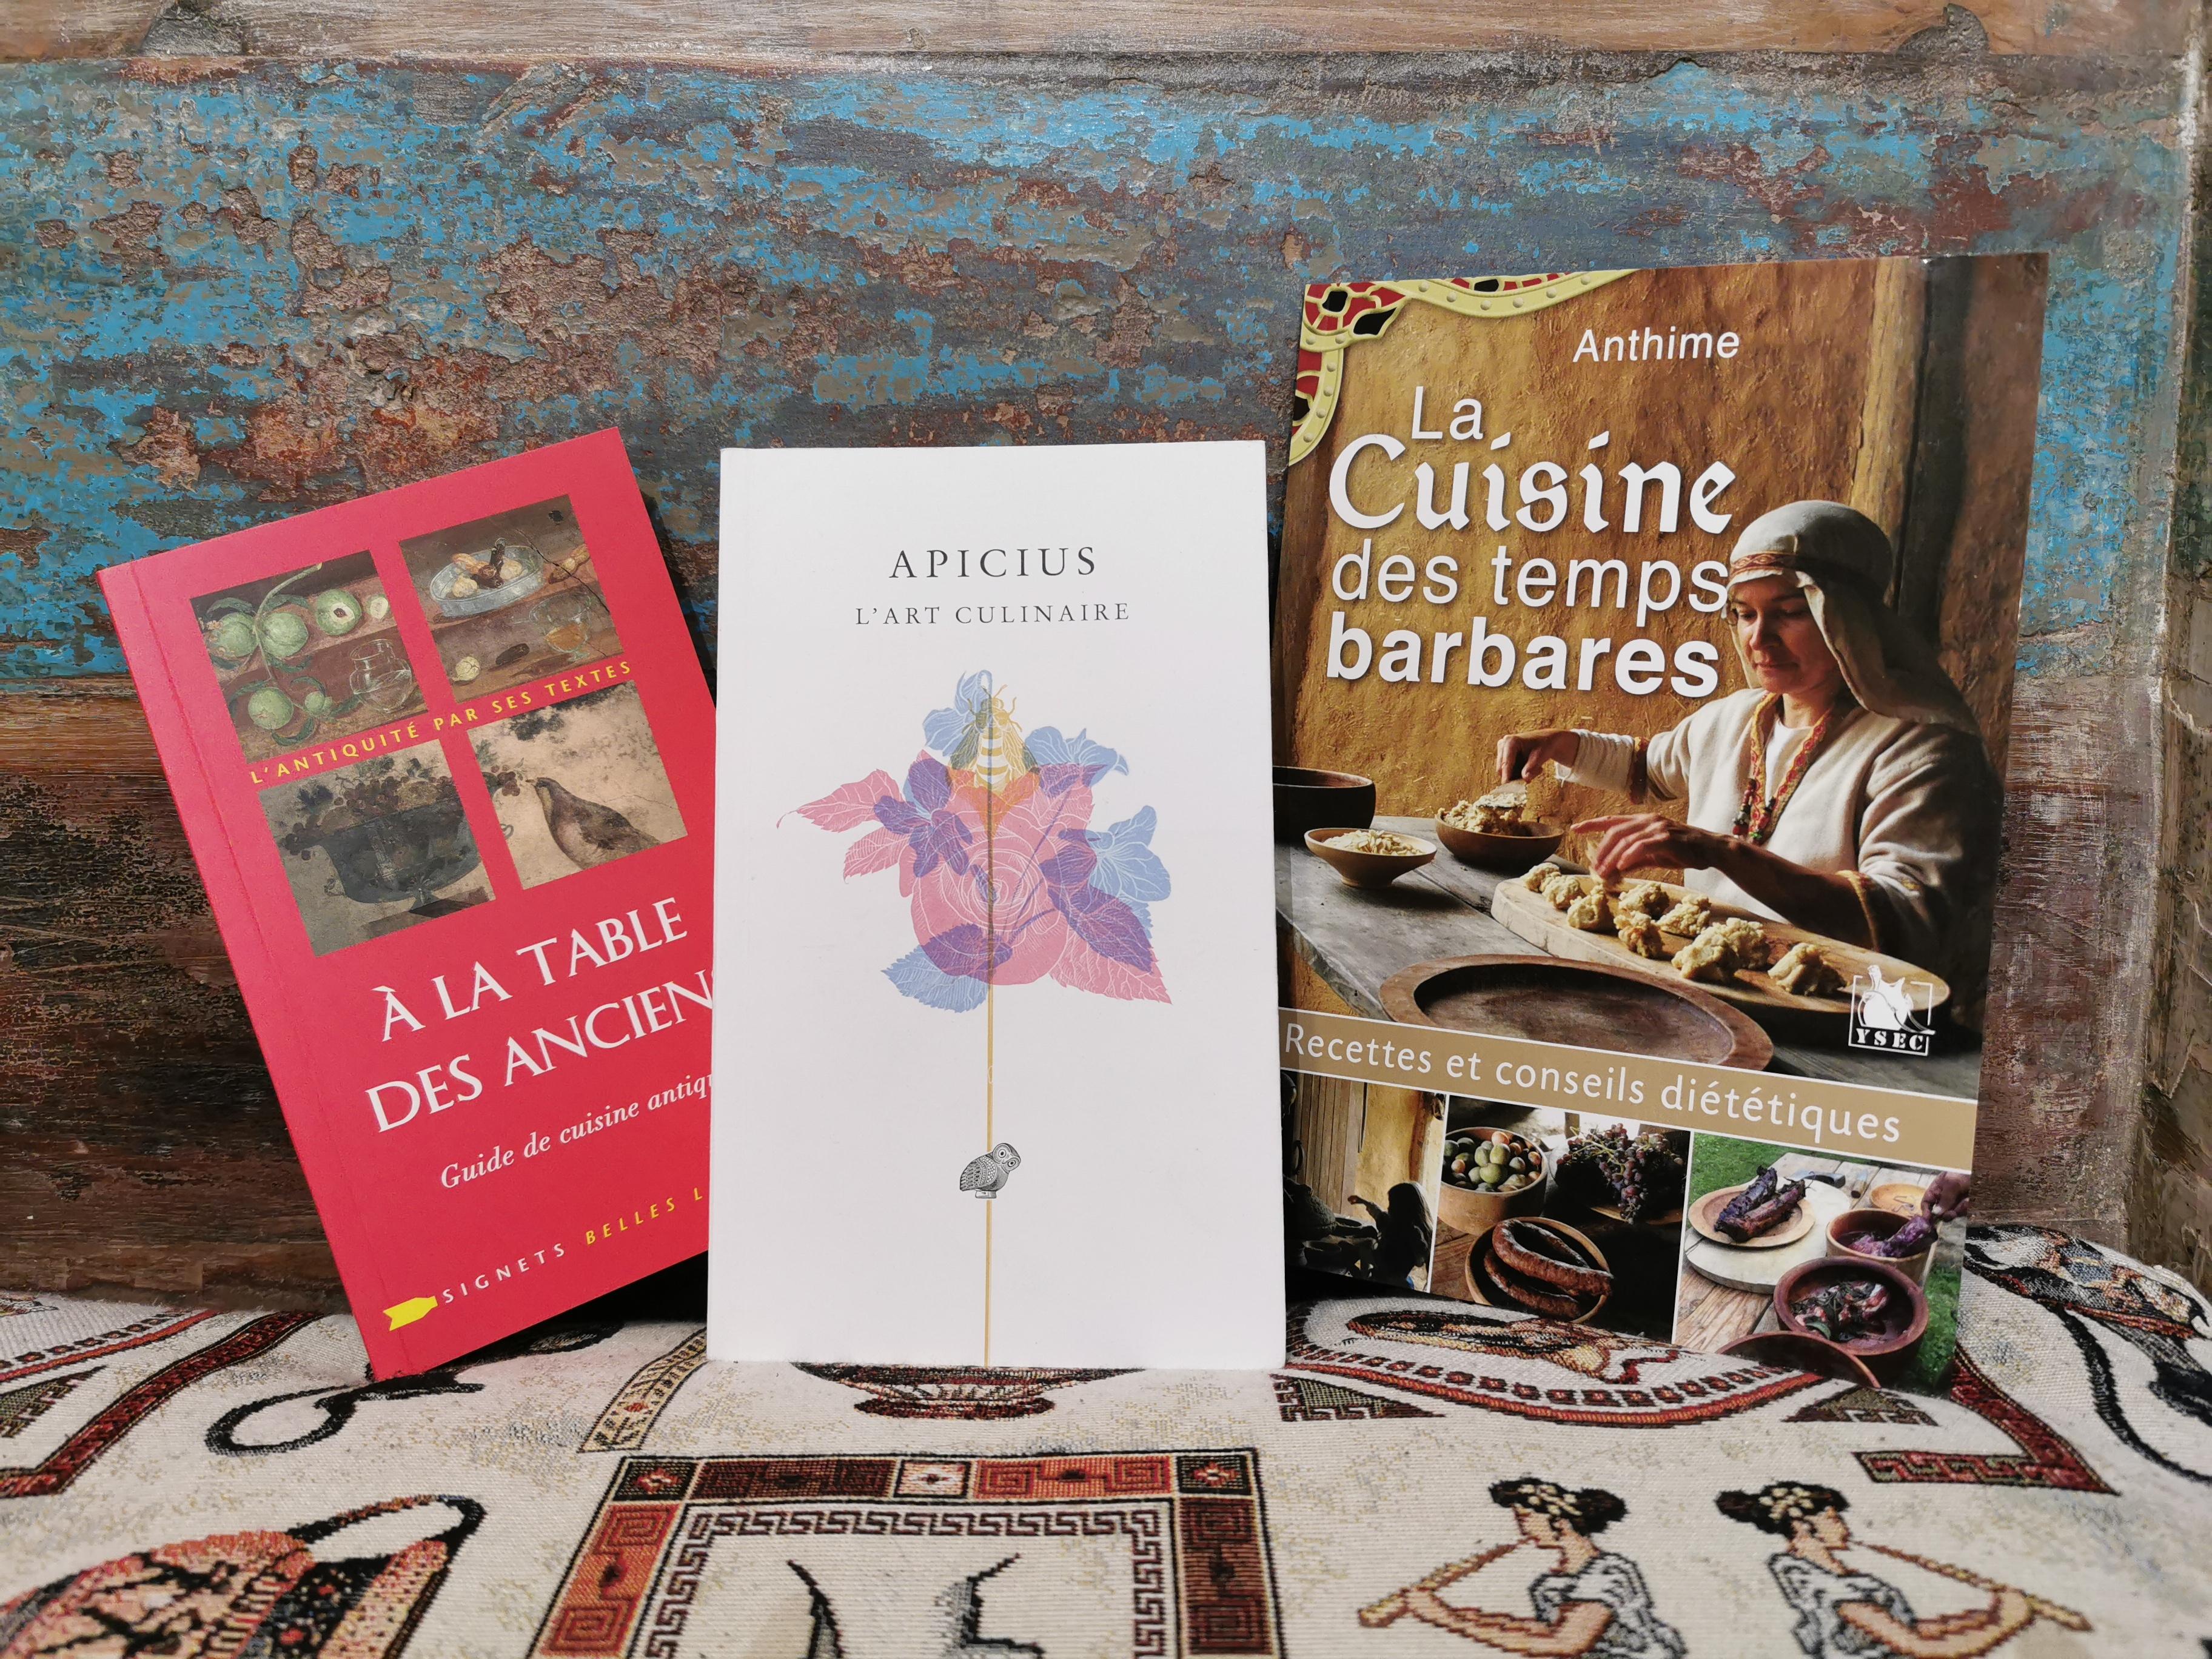 Une mise en bouche de recettes et de poèmes lus par Perrine et Marie Pellet. Rendez-vous dimanche 2 août à 18h chez De natura rerum.